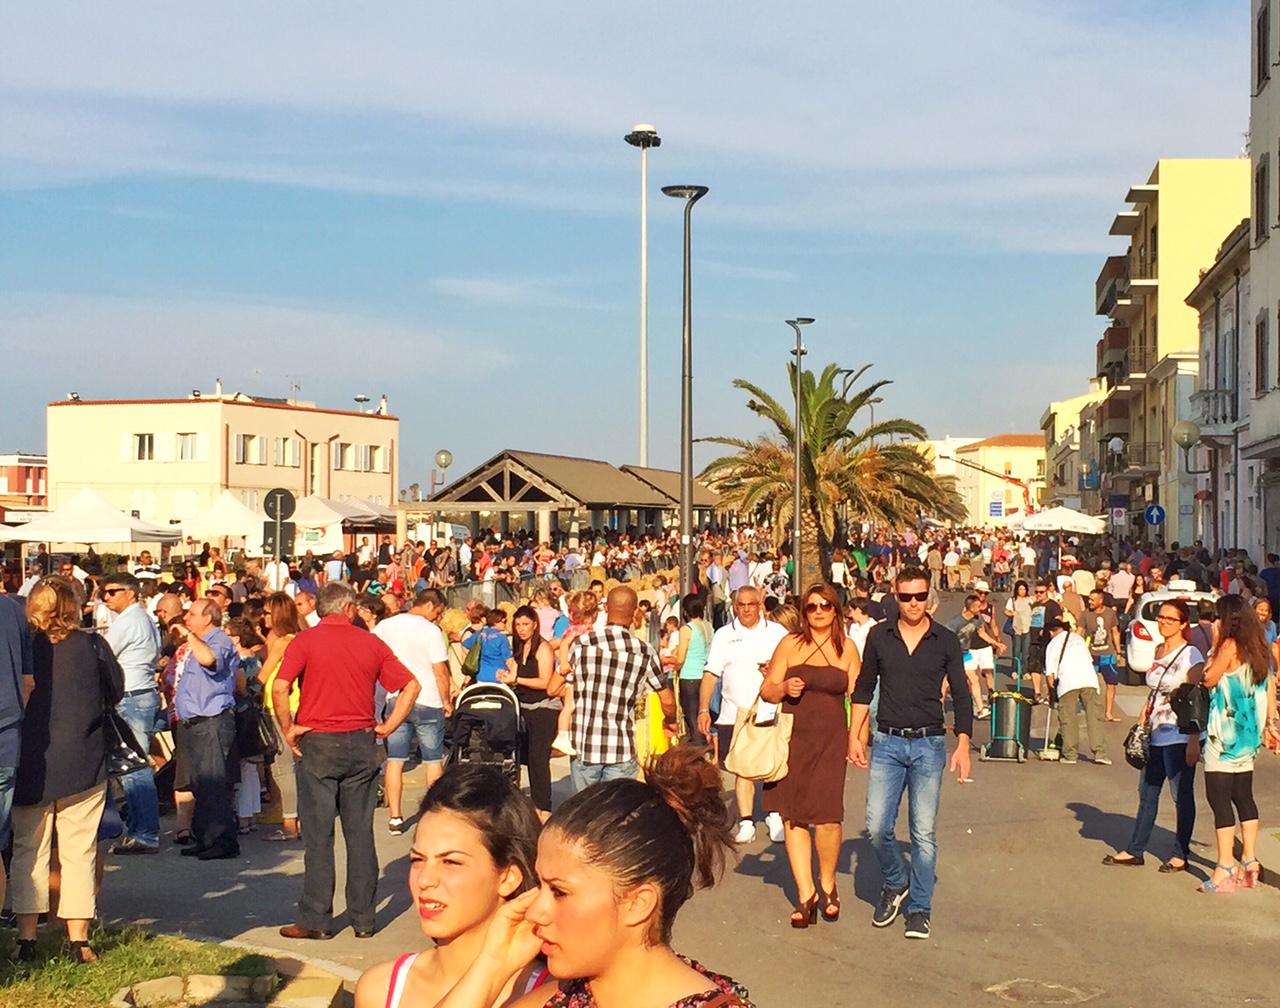 Tutto quello che c'è da sapere sul Palio di Santu Bainzu a Porto Torres il 12 giugno 2016 tra Tradizione e Spettacolo